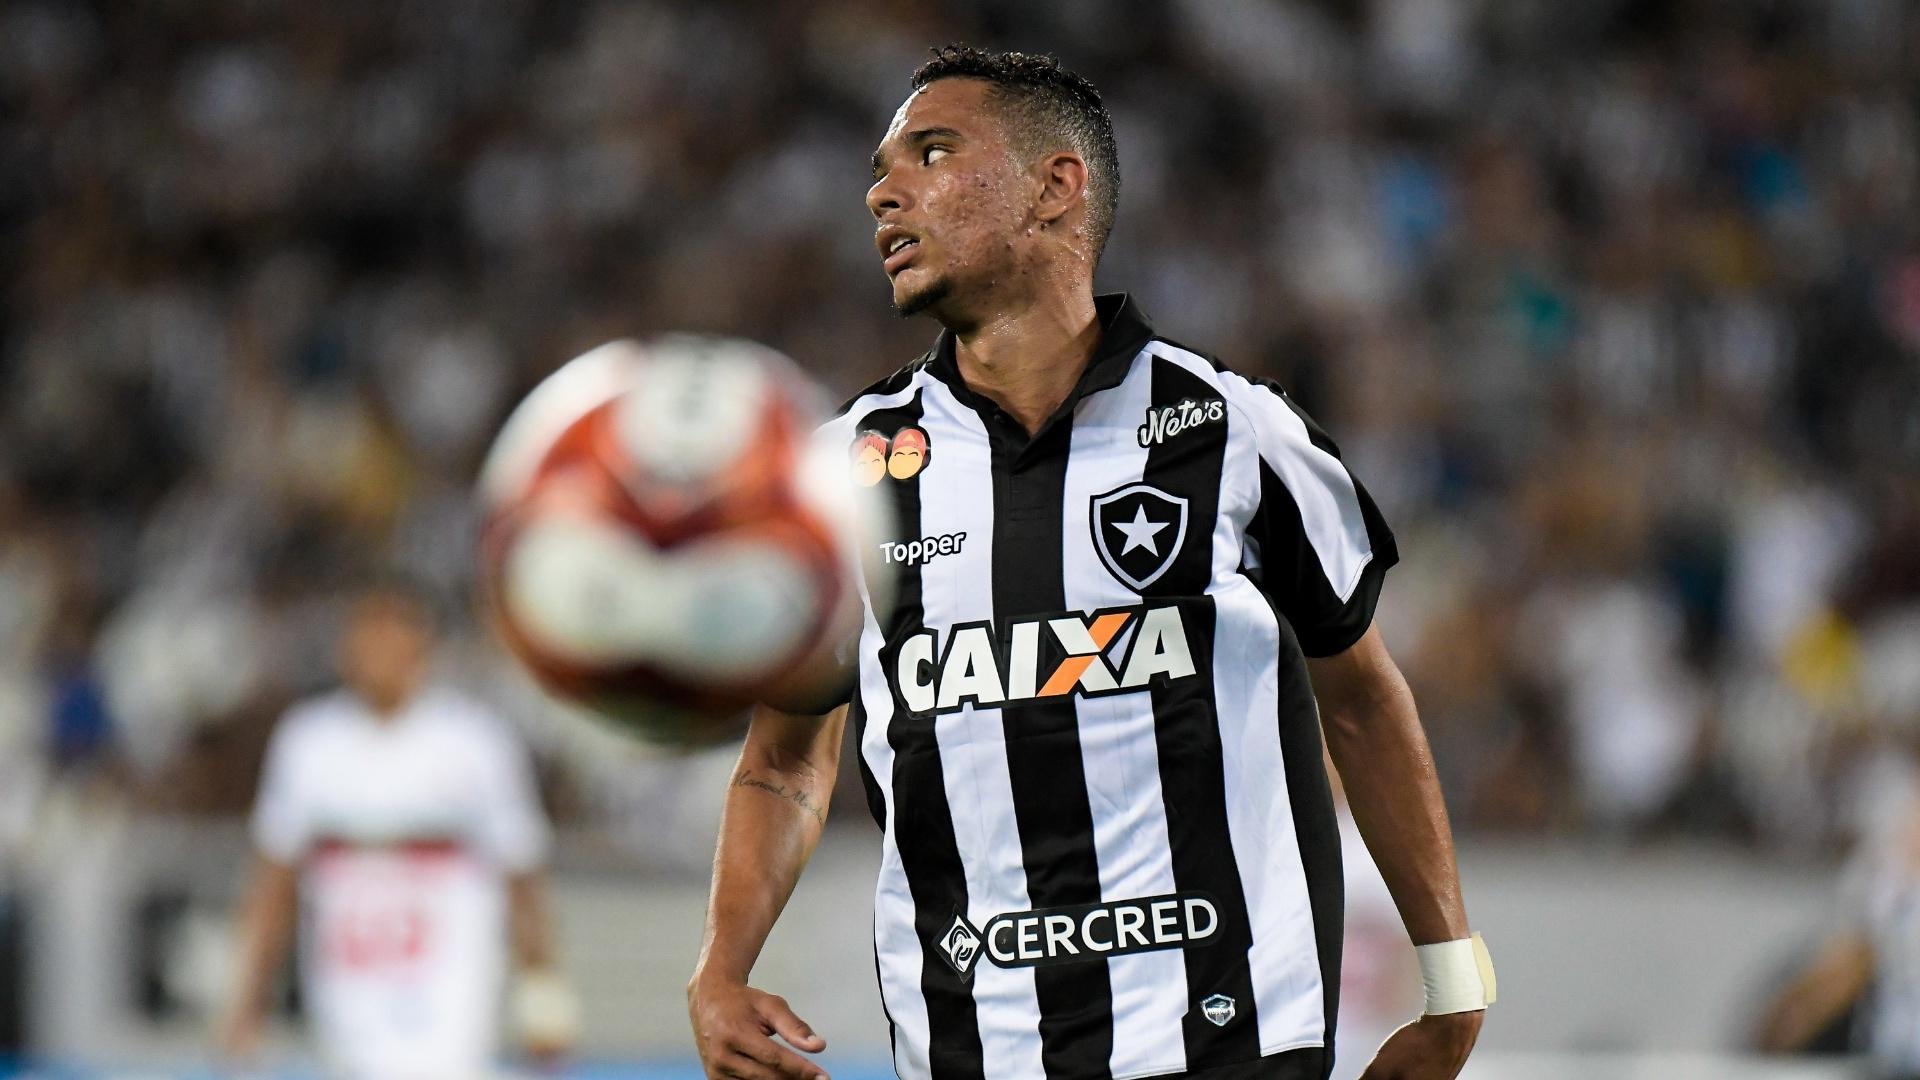 Luiz Fernando, do Botafogo, em ação na partida contra a Portuguesa-RJ